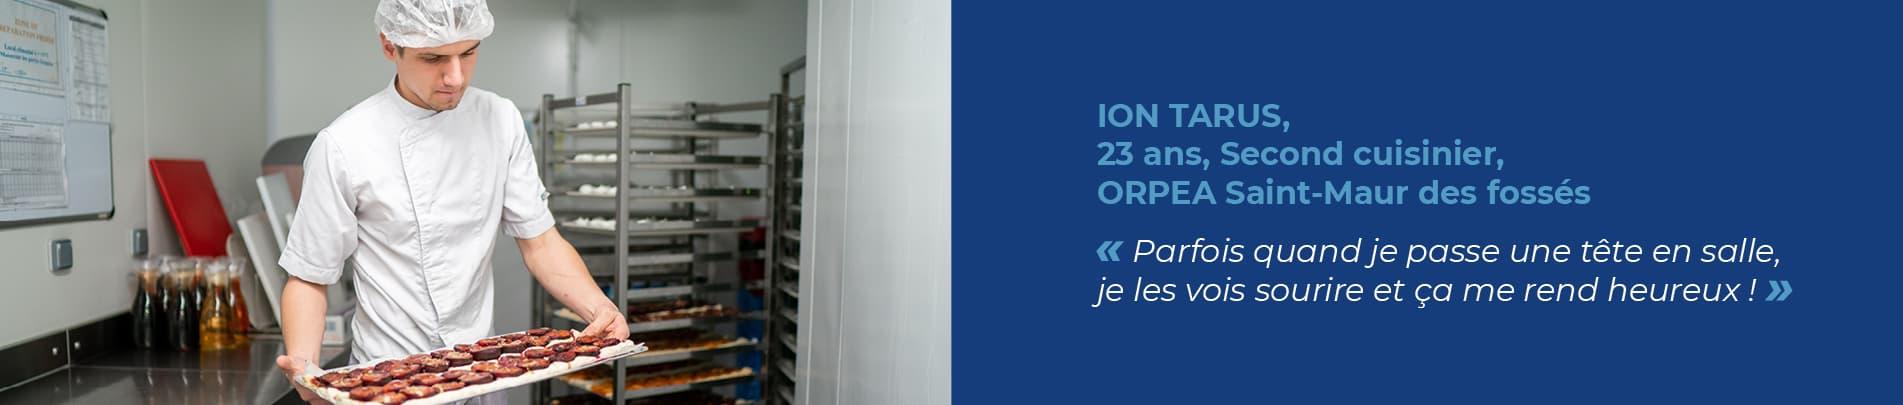 (vide) Ion tarus